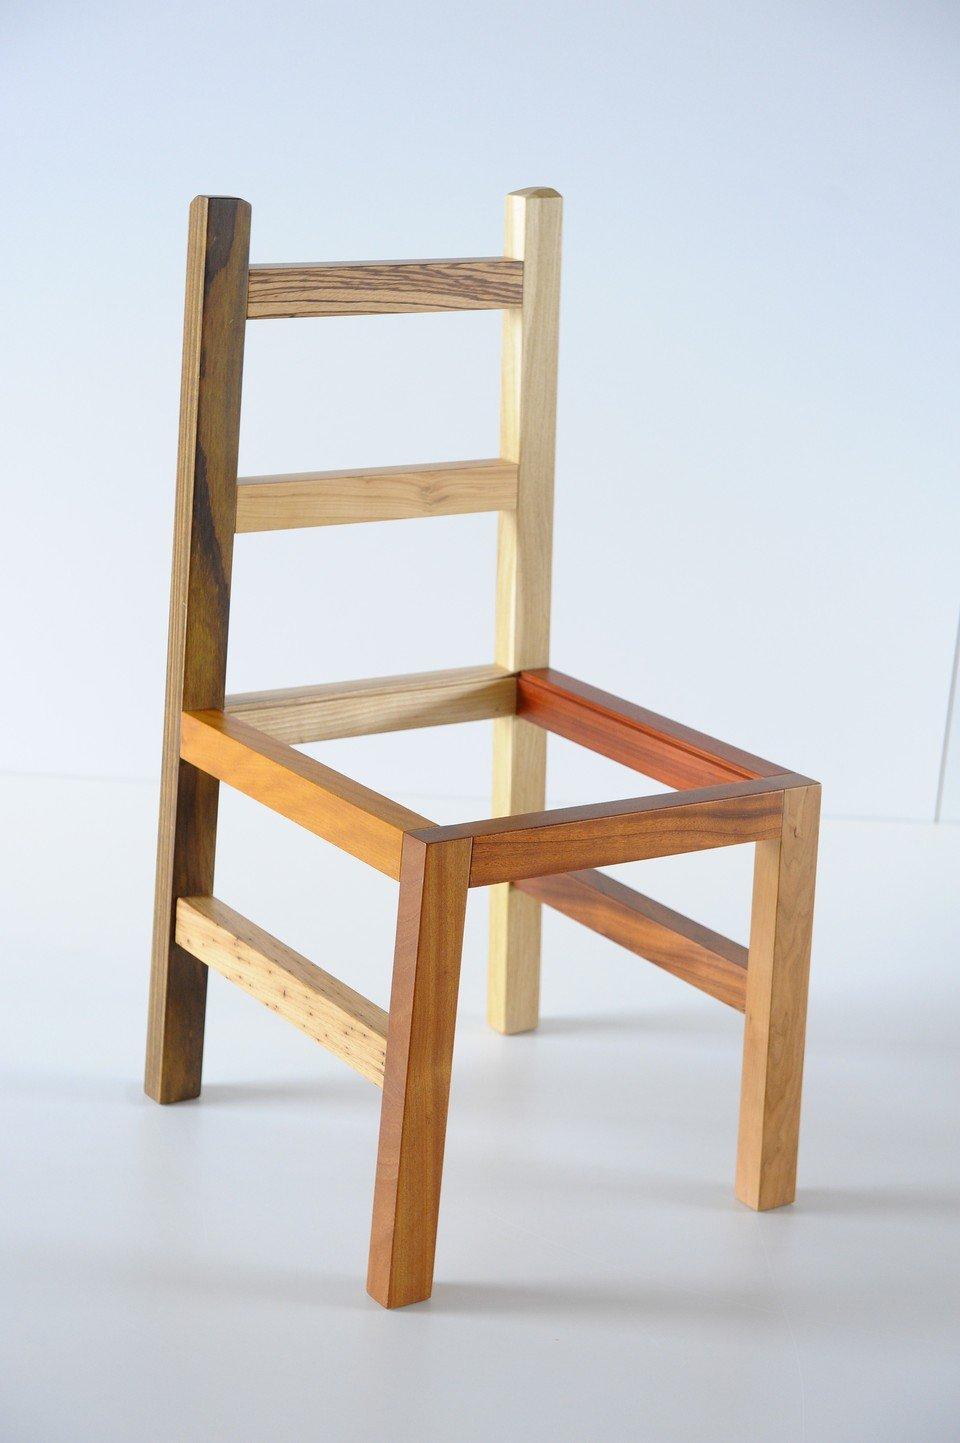 Sedia Minimal in Legno Invenzione d'Arredamento Multilegno